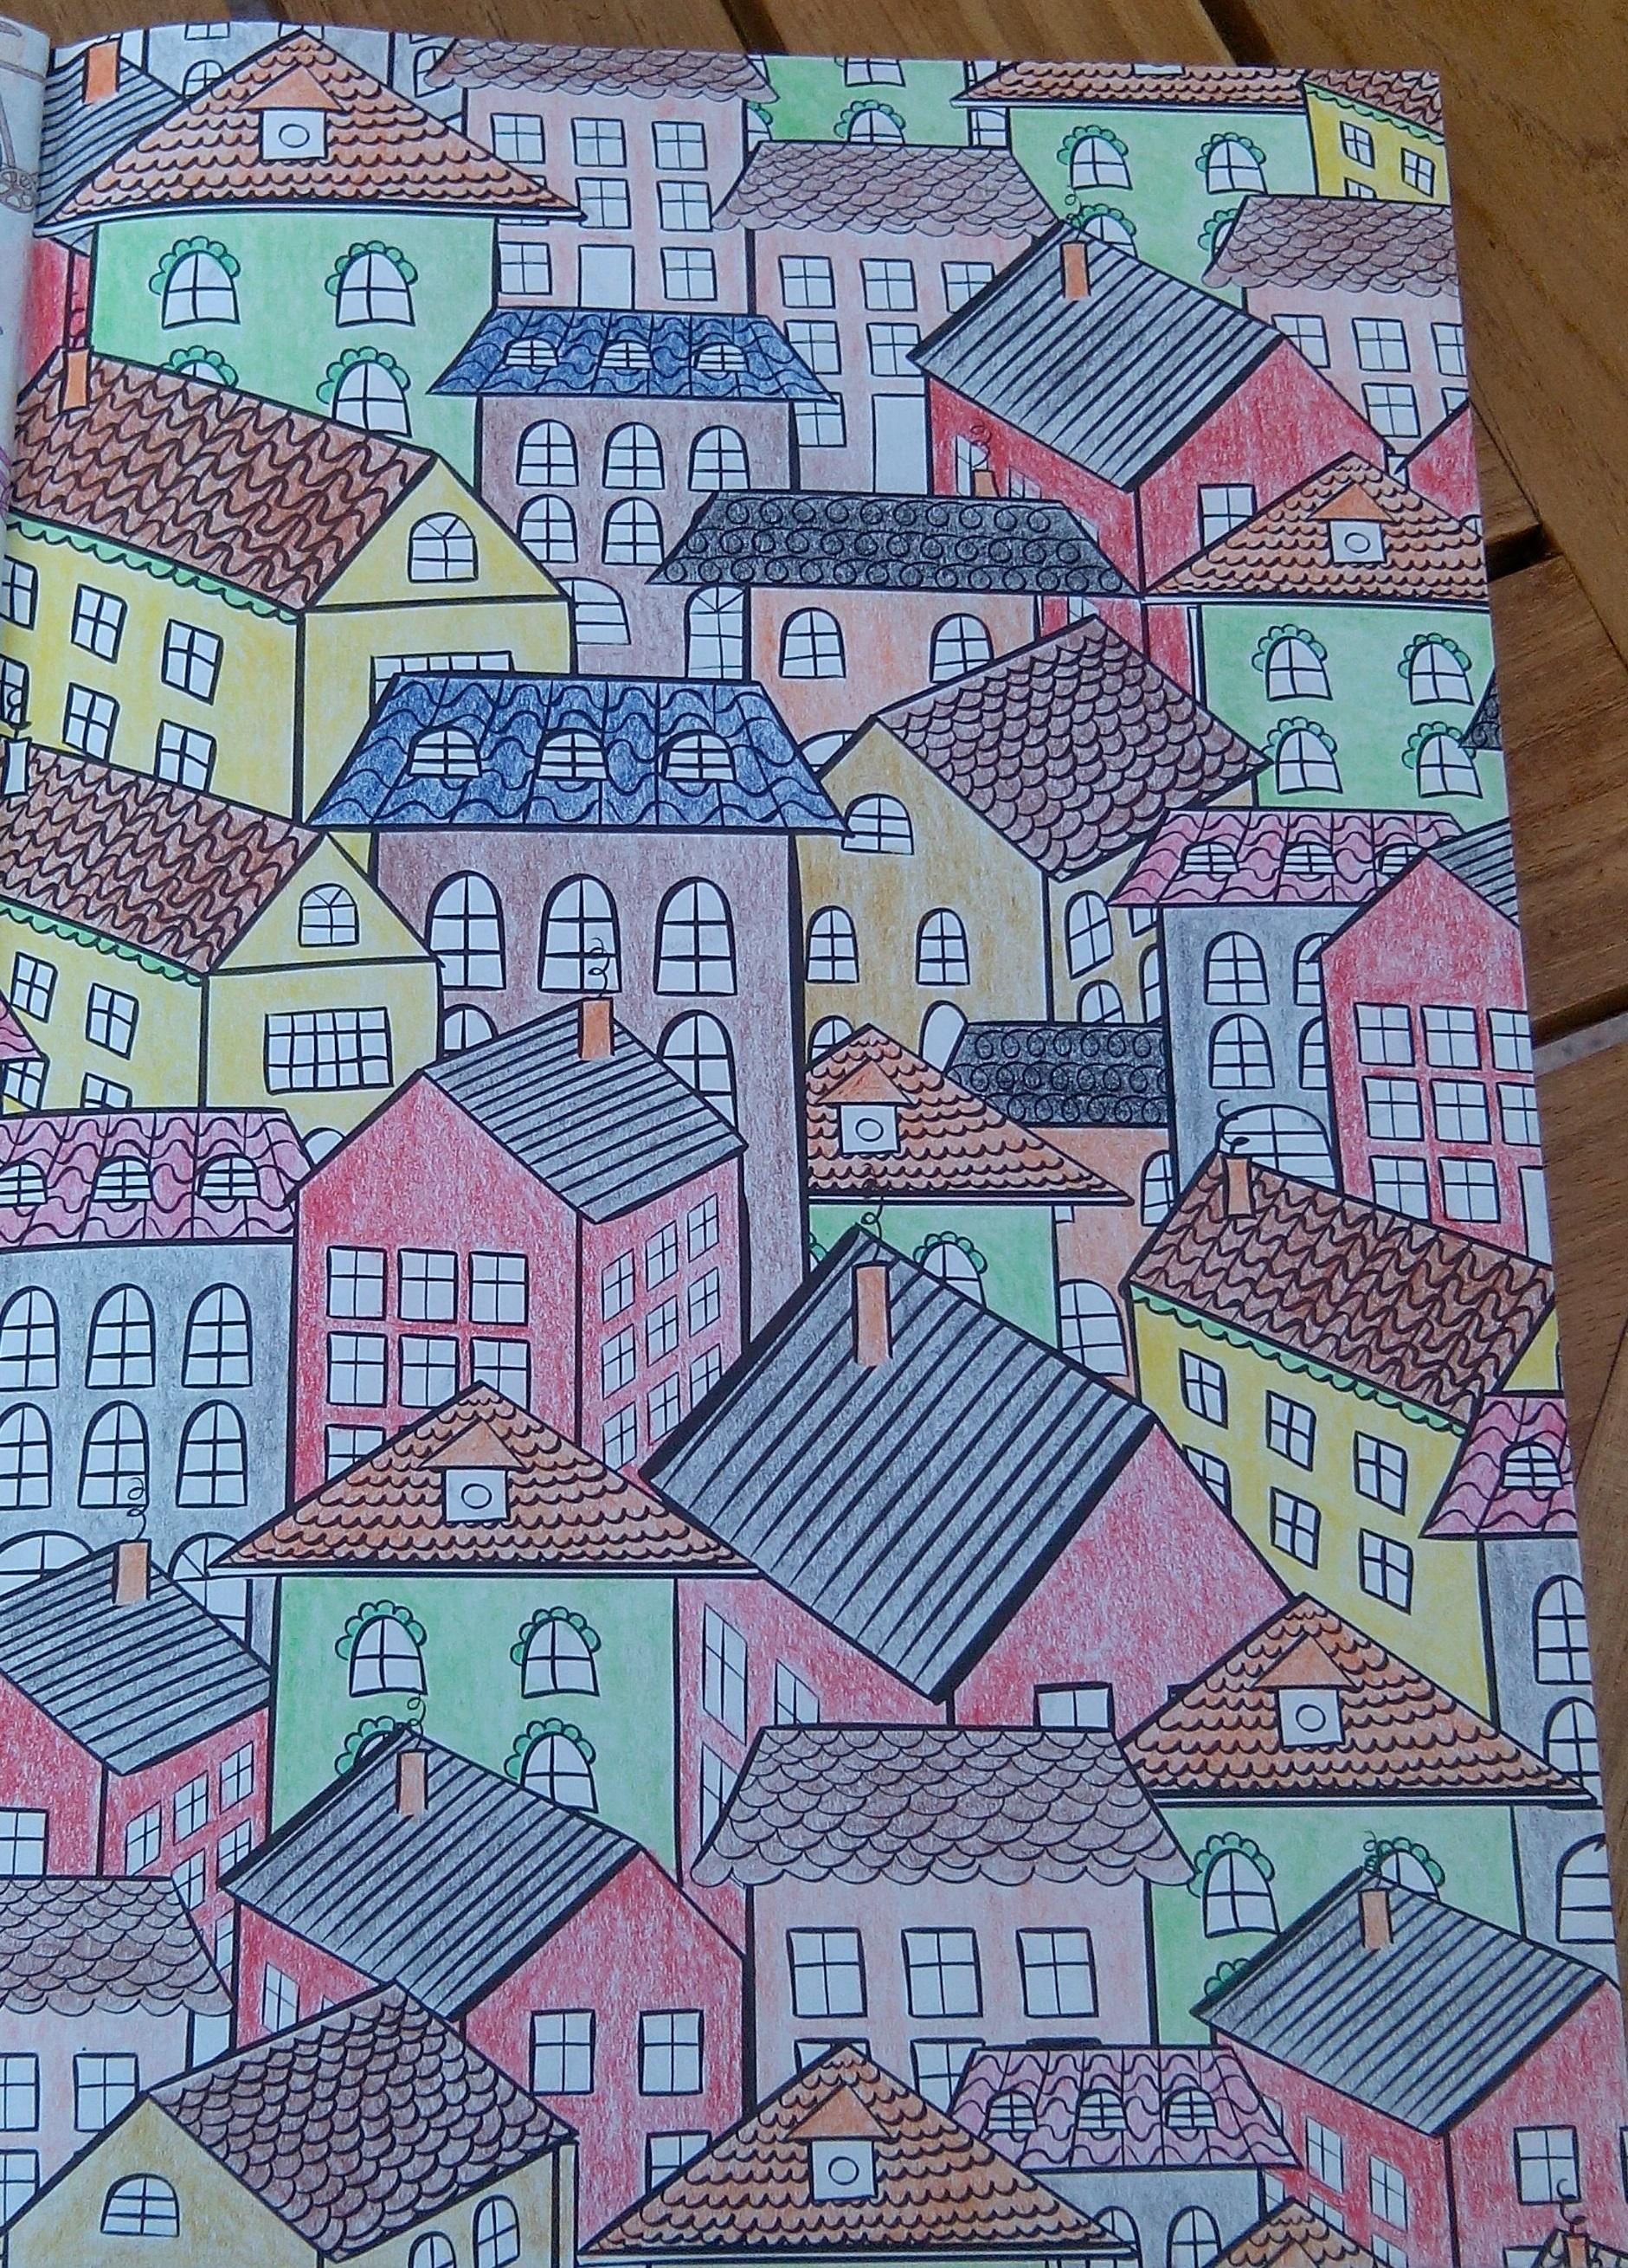 Voorbeelden Van Kleurplaten Voor Volwassenen.Nieuw Kleurplaten Voor Volwassenen Harma Van Der Ros Klupaats Website